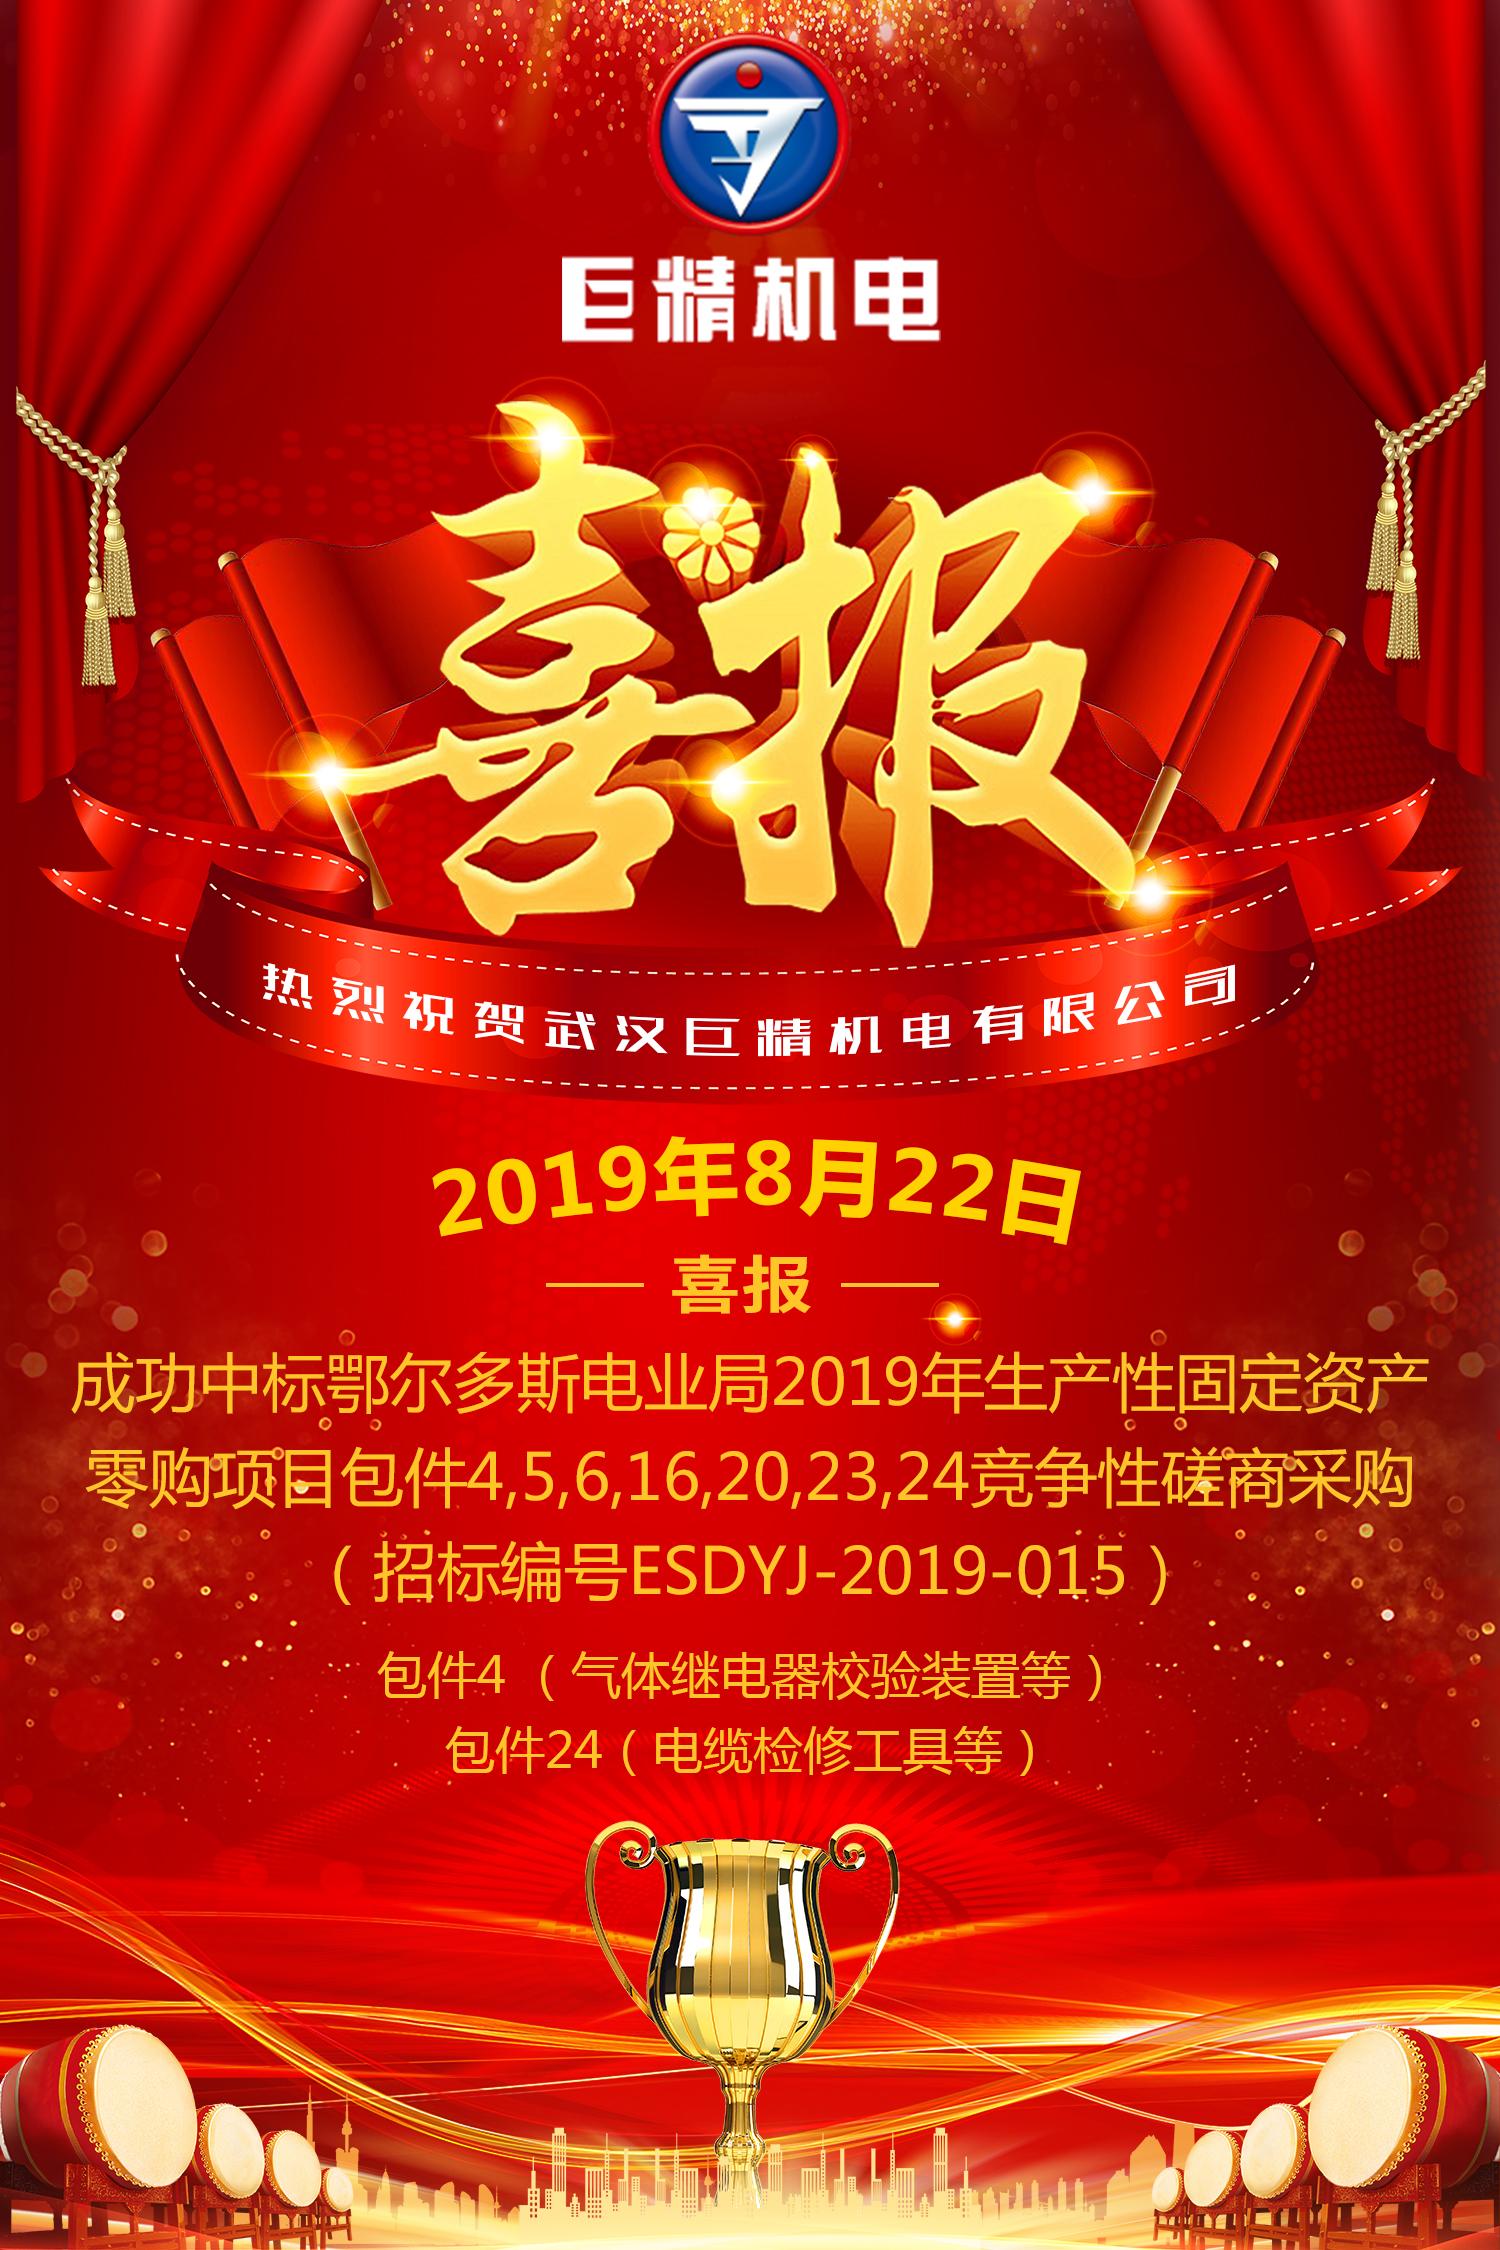 热烈祝贺武汉巨精中标鄂尔多斯电业局 2019年生产性固定资产零购项目竞争性磋商采购